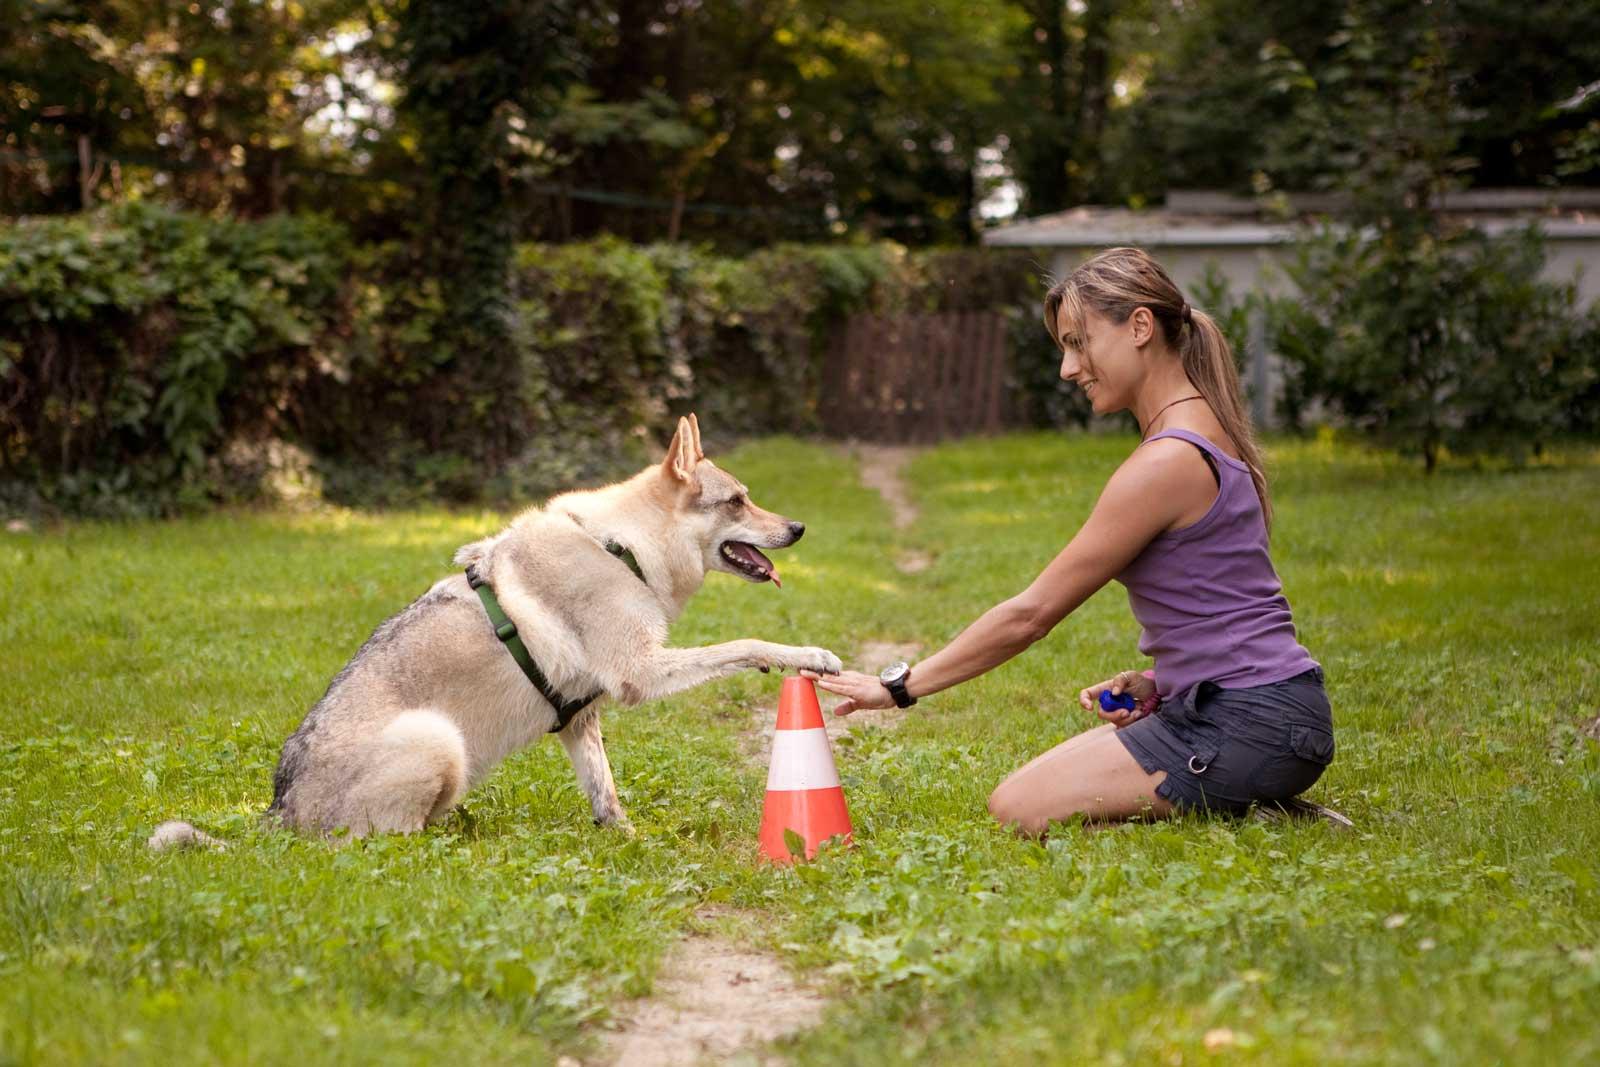 Дрессировка собак в домашних условиях для начинающих, 1 часть – с чего начать, команды ко мне и рядом